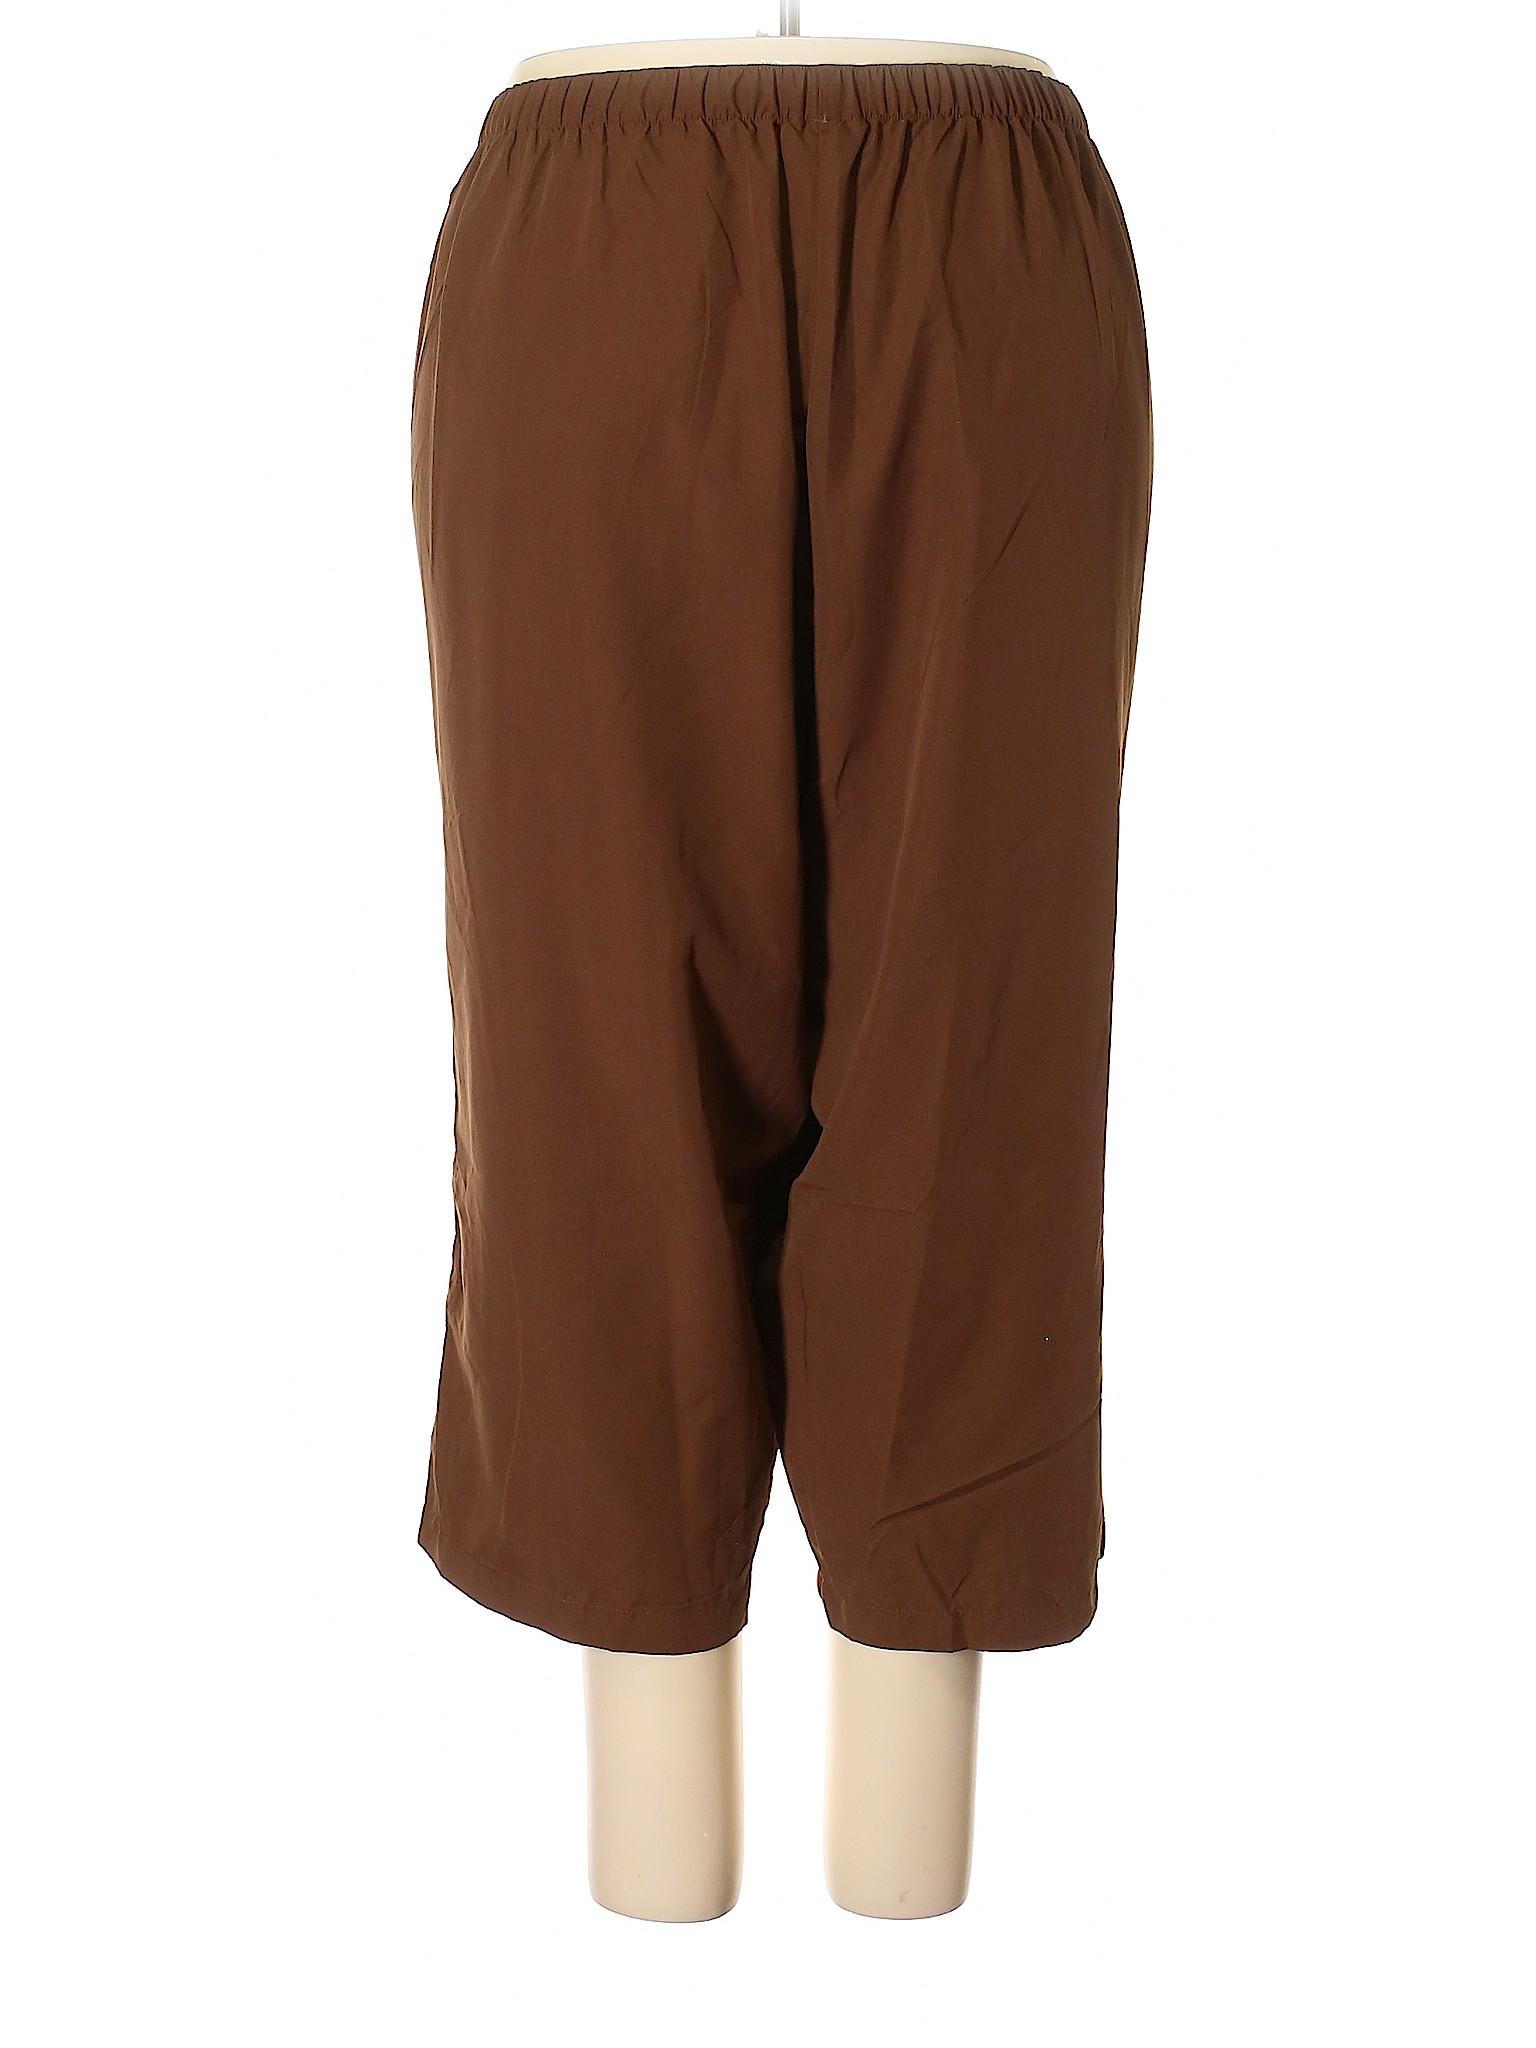 Casual Liz Boutique Pants leisure amp; Me 5zqIqw